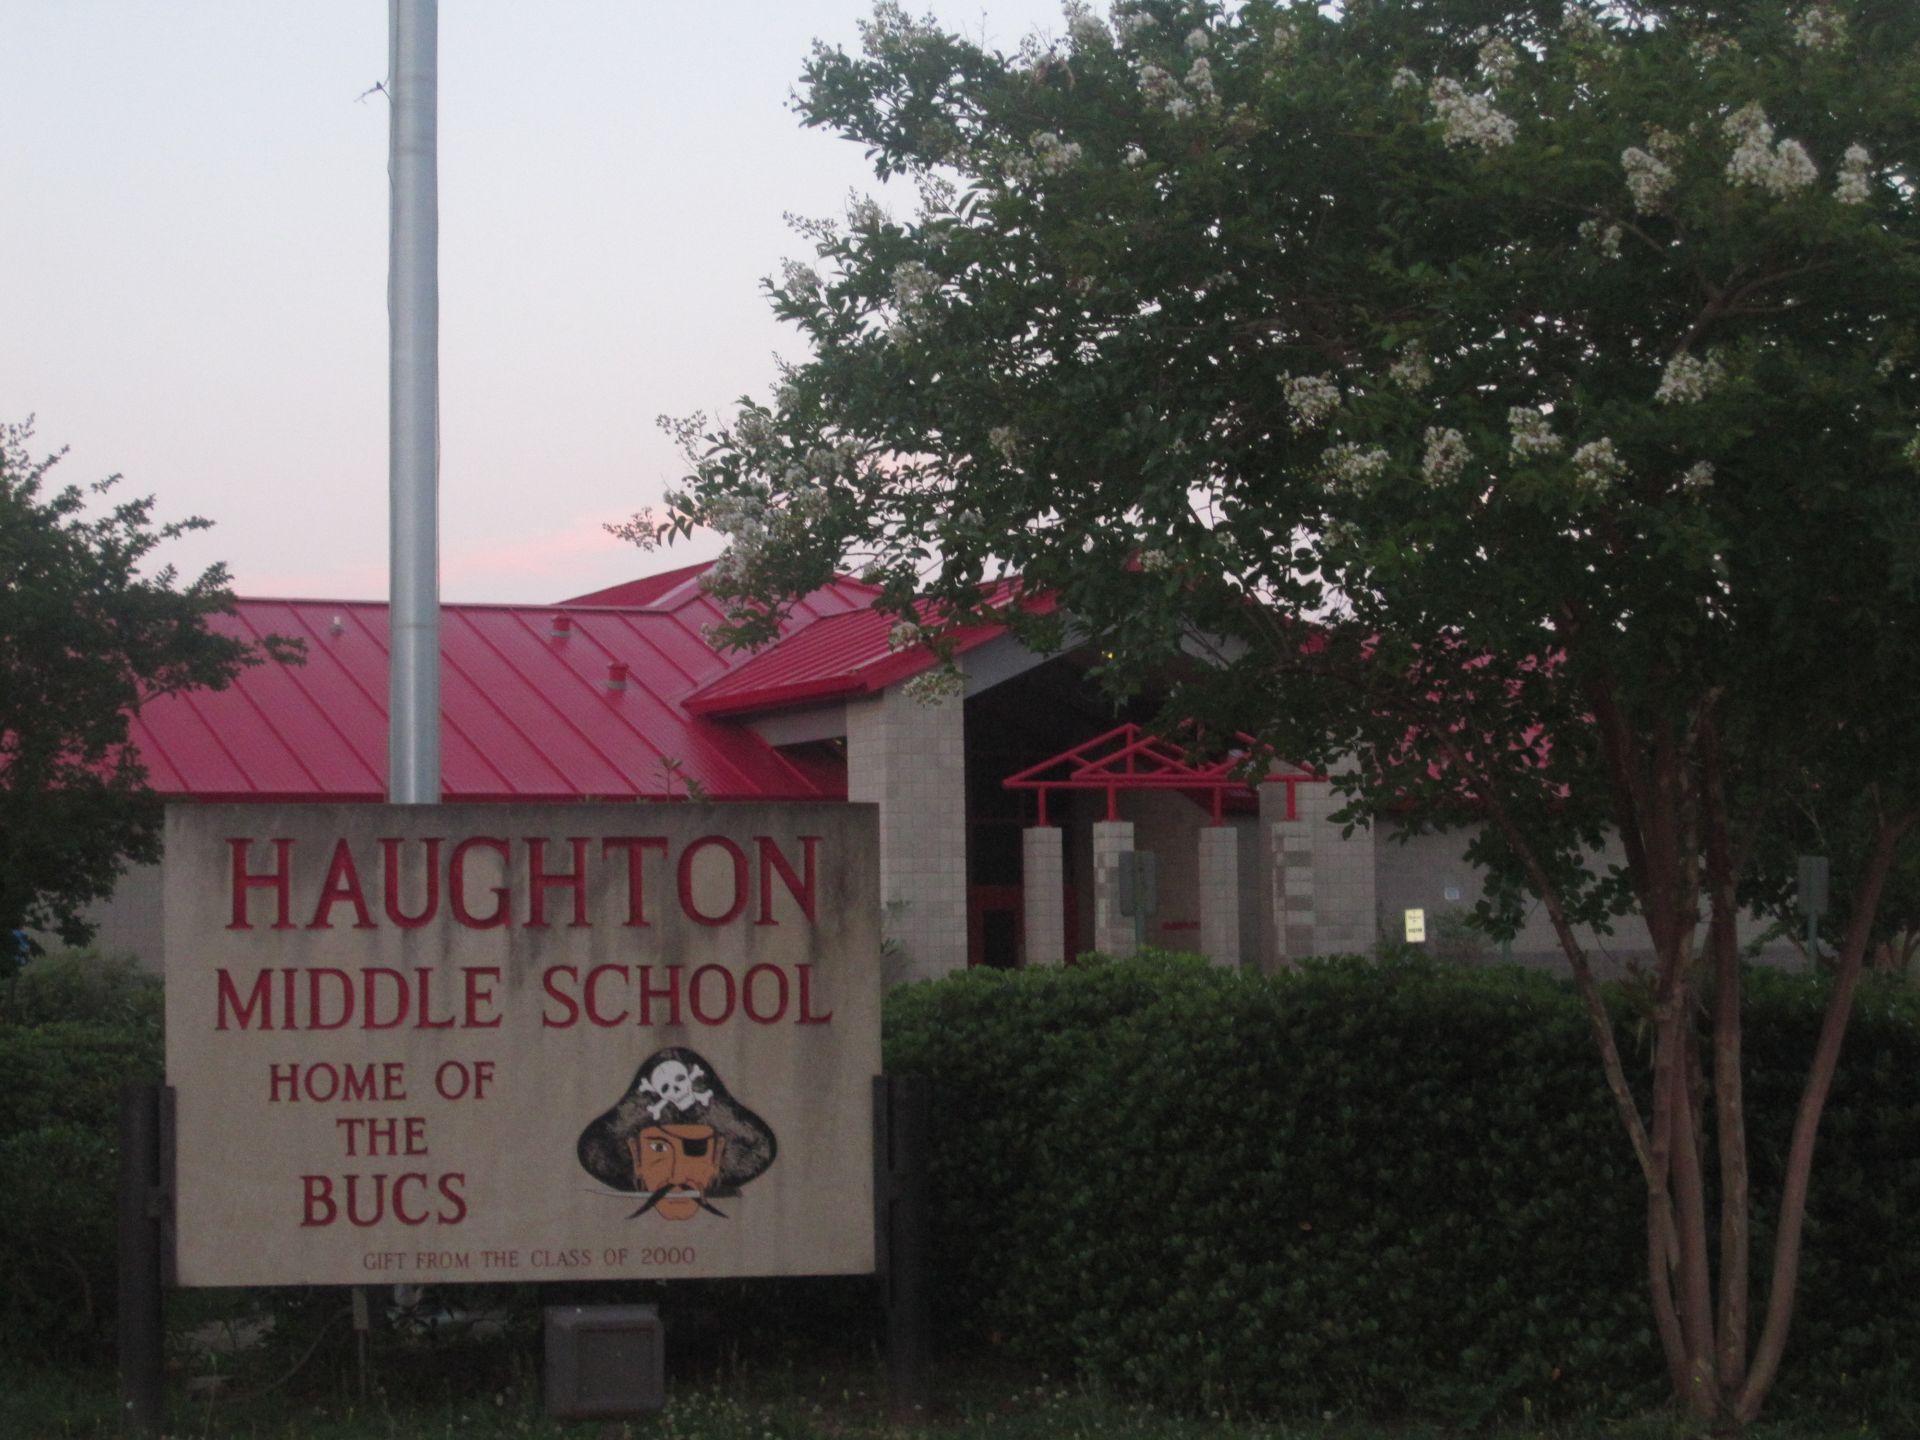 Haughton